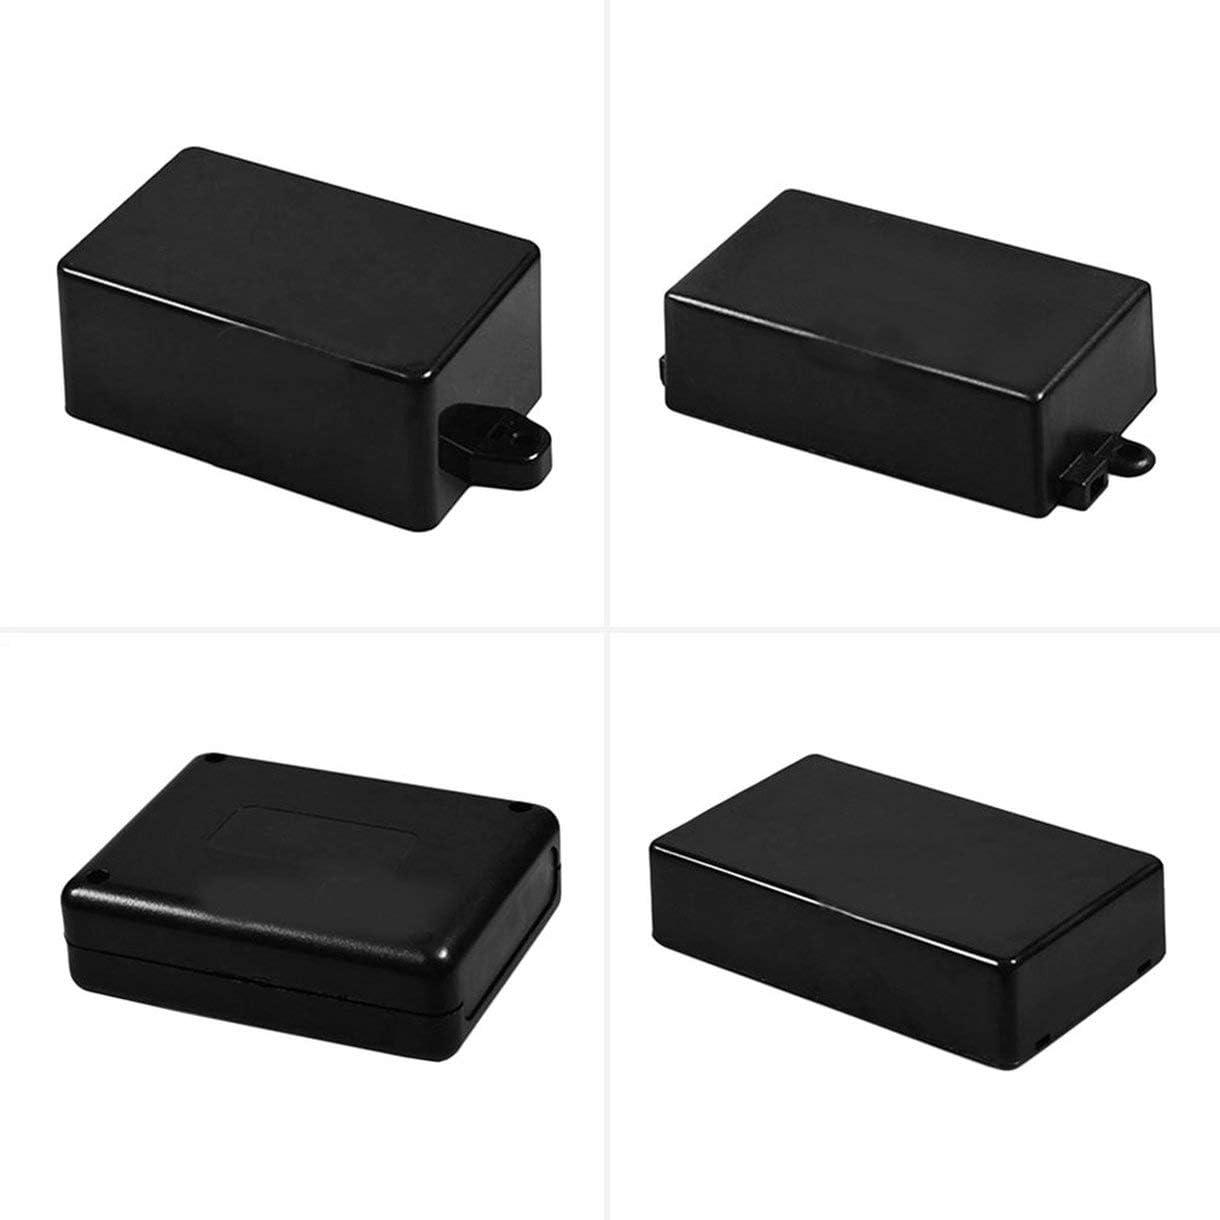 taille: 82 * 52 * 35 couleur: noir Construction en plastique extrud/é de gros calibre Projet de couvercle en plastique /étanche Bo/îte de bo/îtier de bo/îtier dinstruments /électroniques